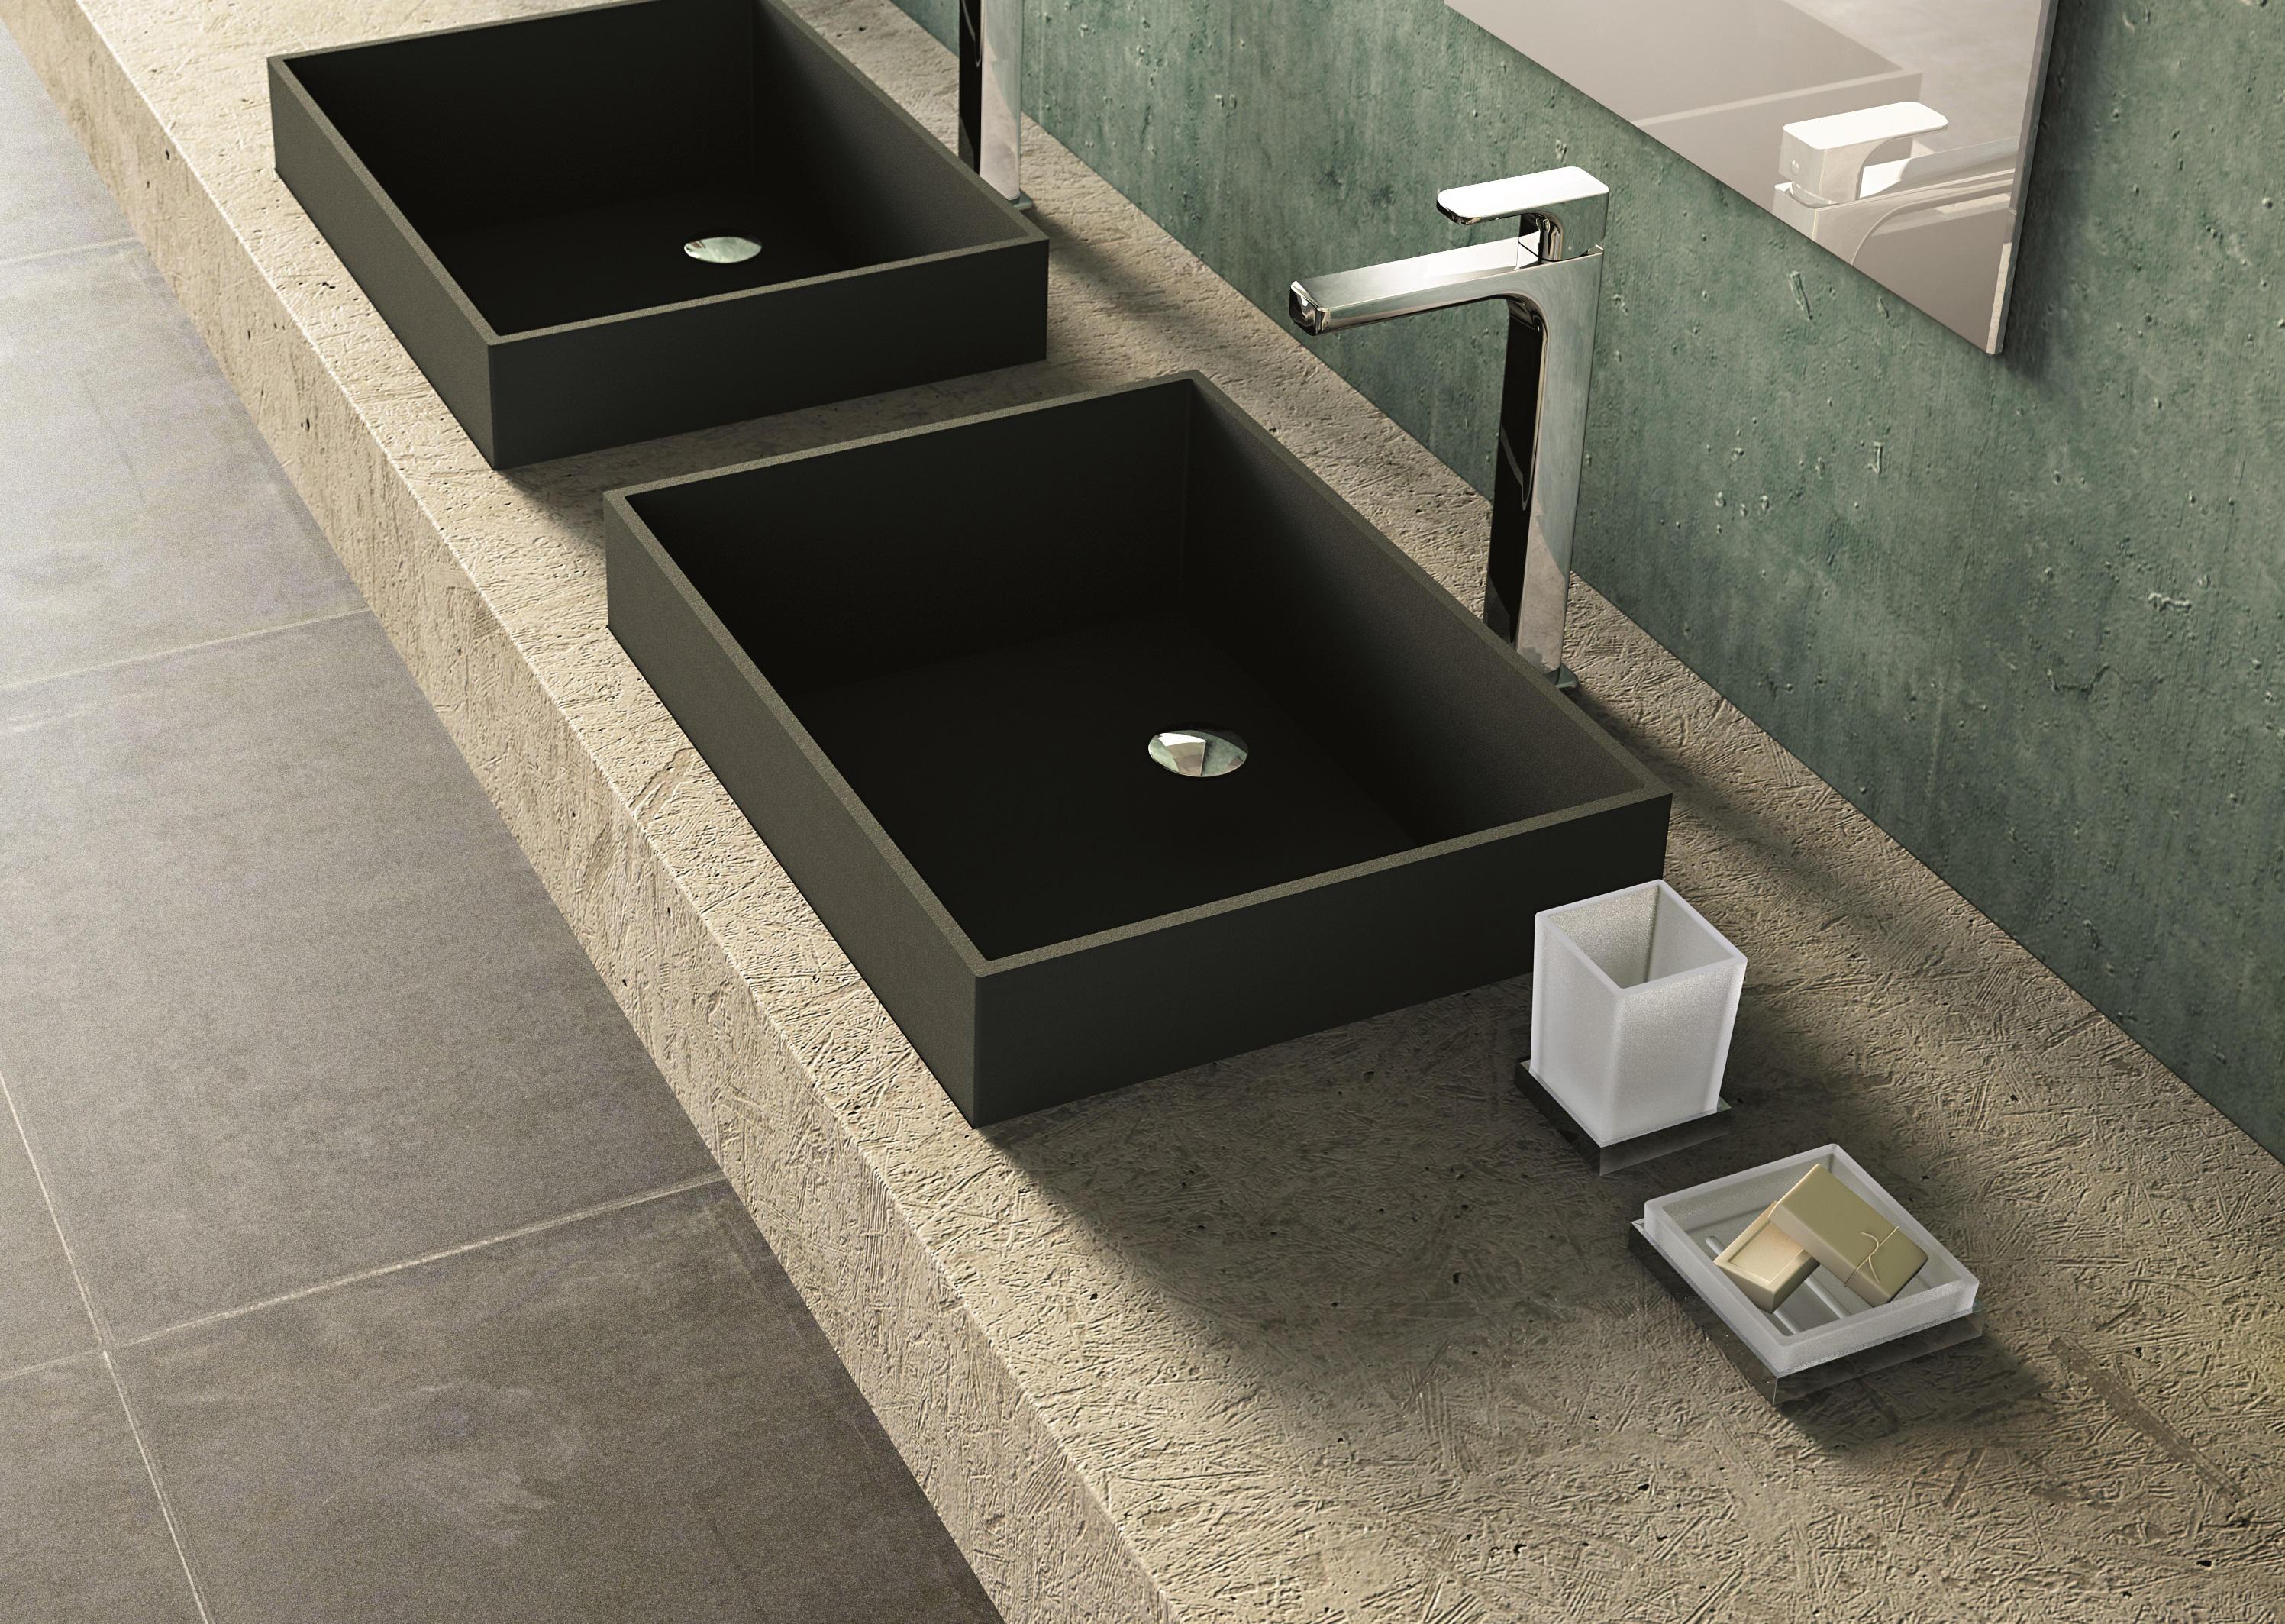 Accessori bagno moderni portasaponette fir italia - Accessori bagno moderni ...